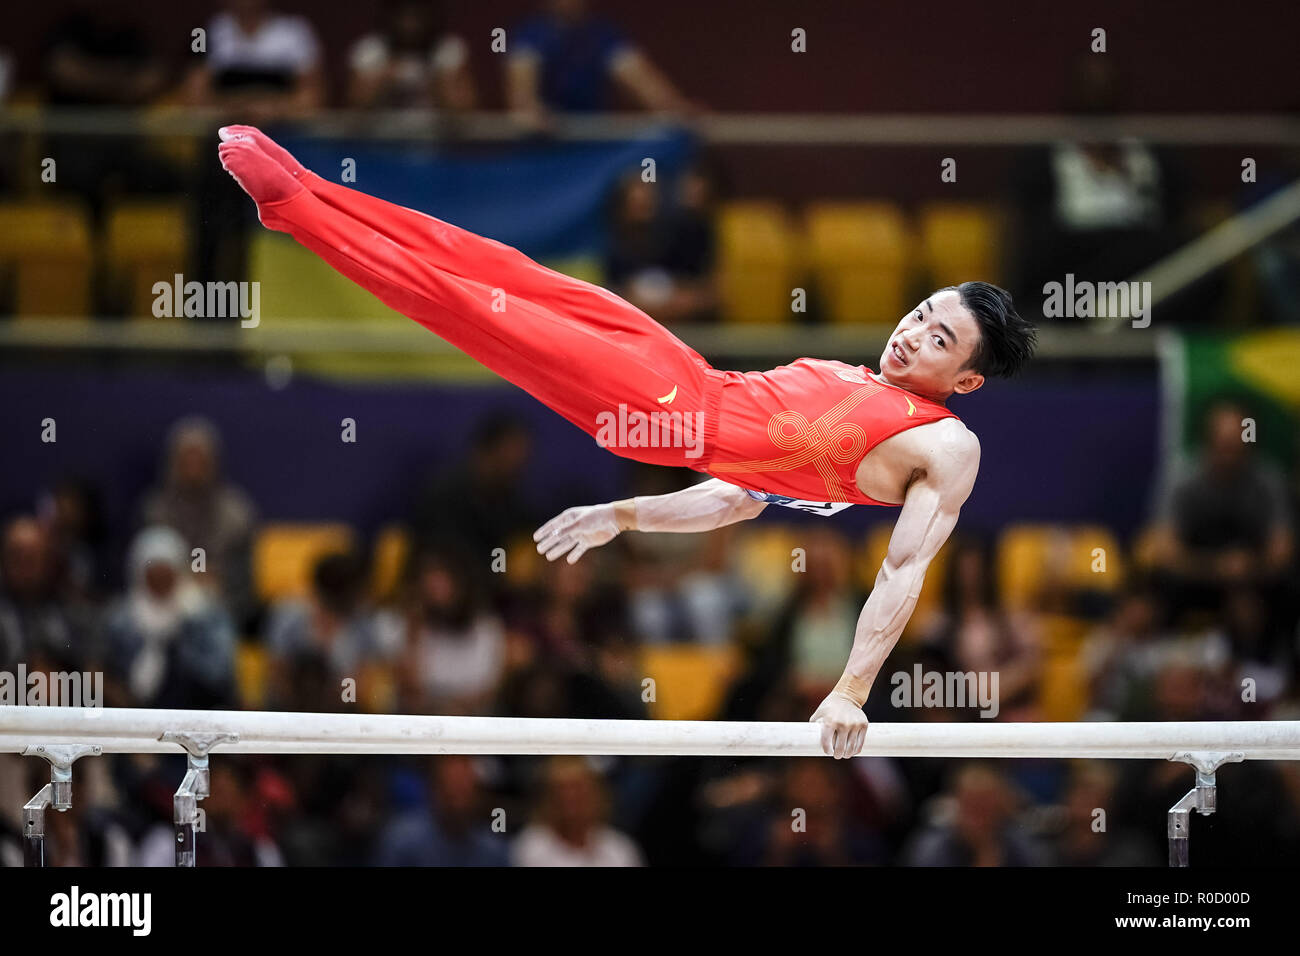 Jingyuan Stock Photos & Jingyuan Stock Images - Alamy